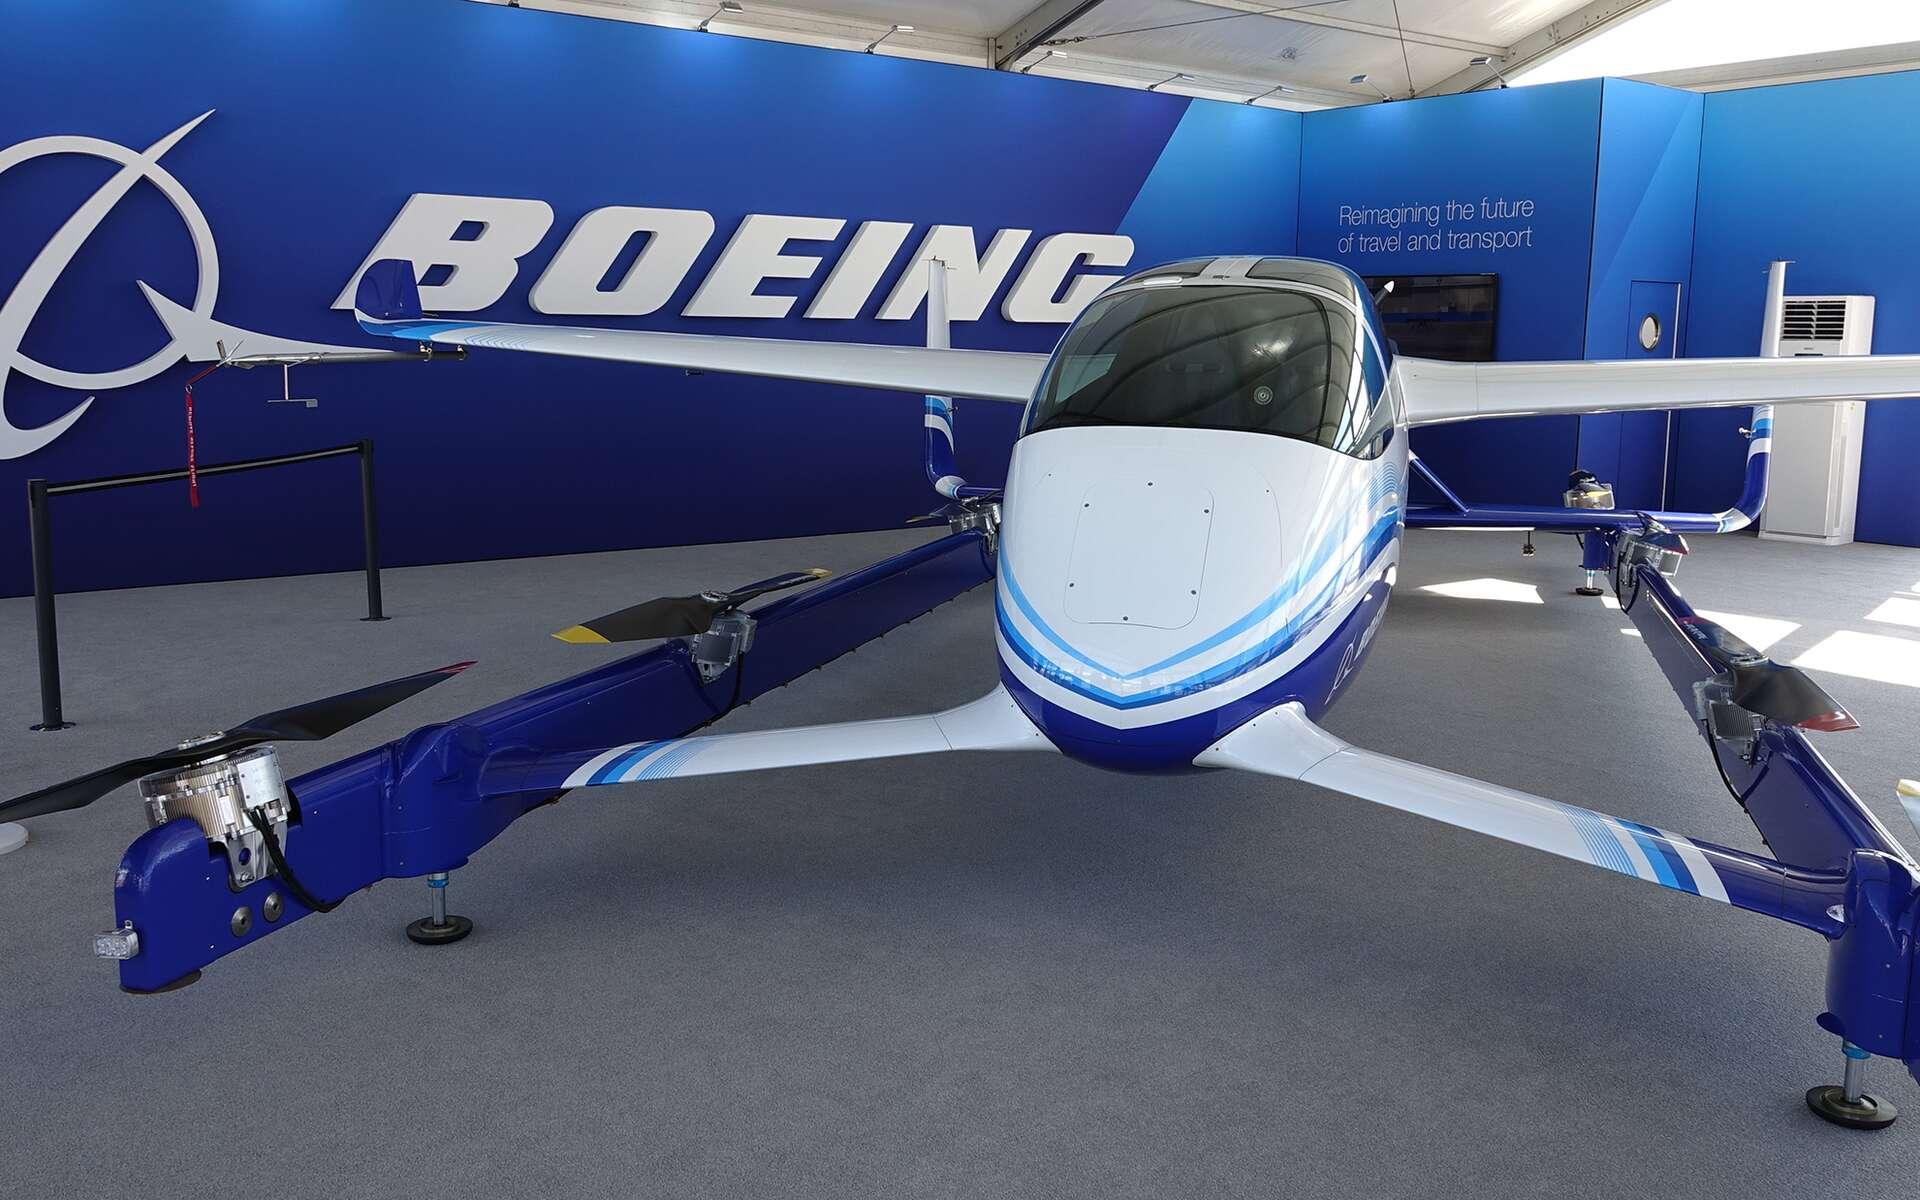 L'Autonomous Passenger Air Vehicle de Boeing présenté au Salon du Bourget 2019. © Rémy Decourt